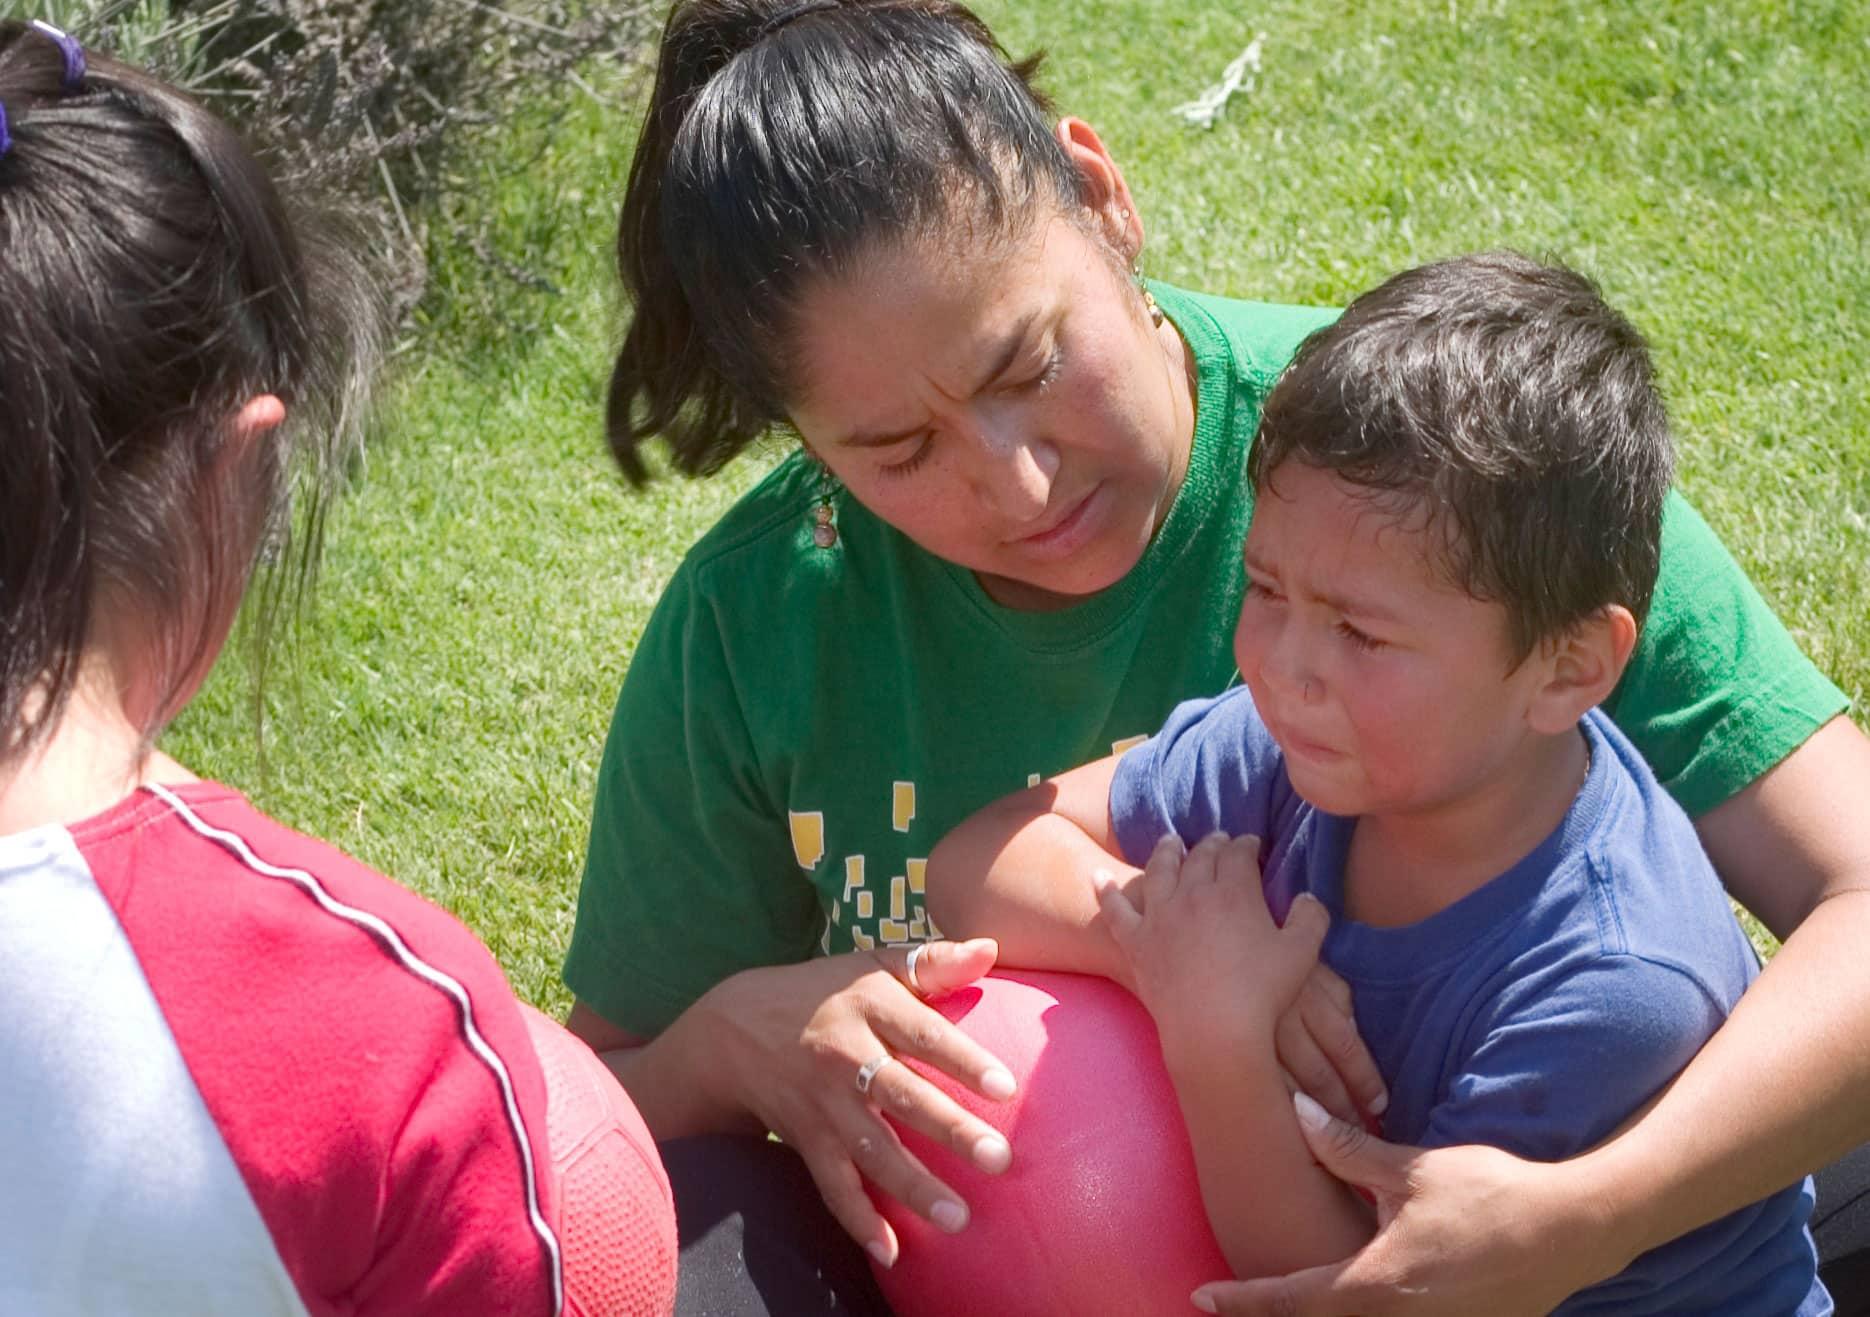 Cómo ayudarle a los niños a vencer sus temores | Hand in Hand Parenting